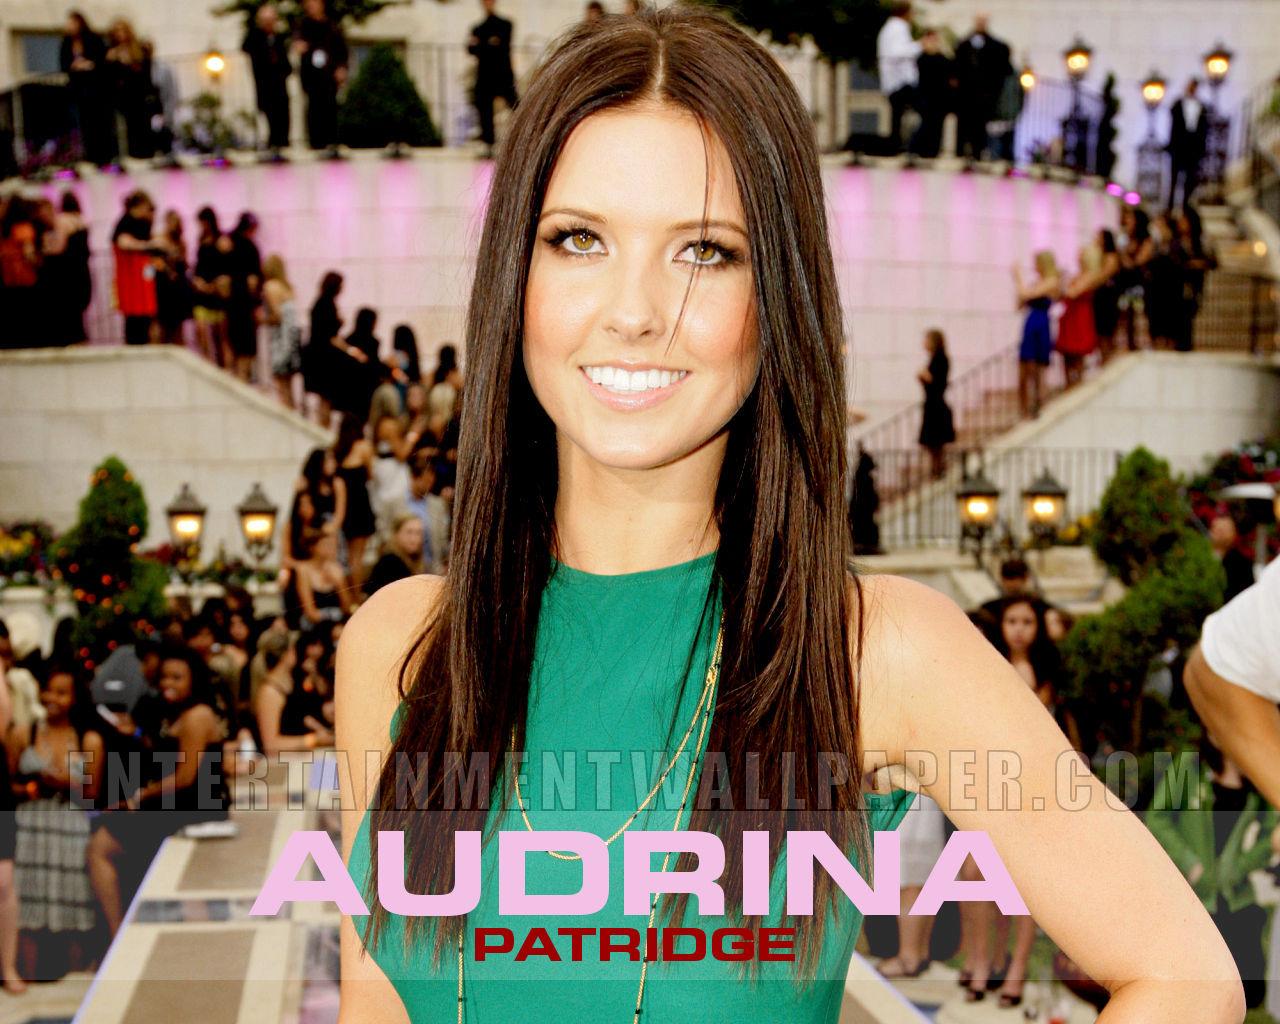 http://1.bp.blogspot.com/-BP3Xjn4vyu0/T1TfHV49_7I/AAAAAAAAFjE/_nAsqI6jQzk/s1600/audrina_patridge01.jpg